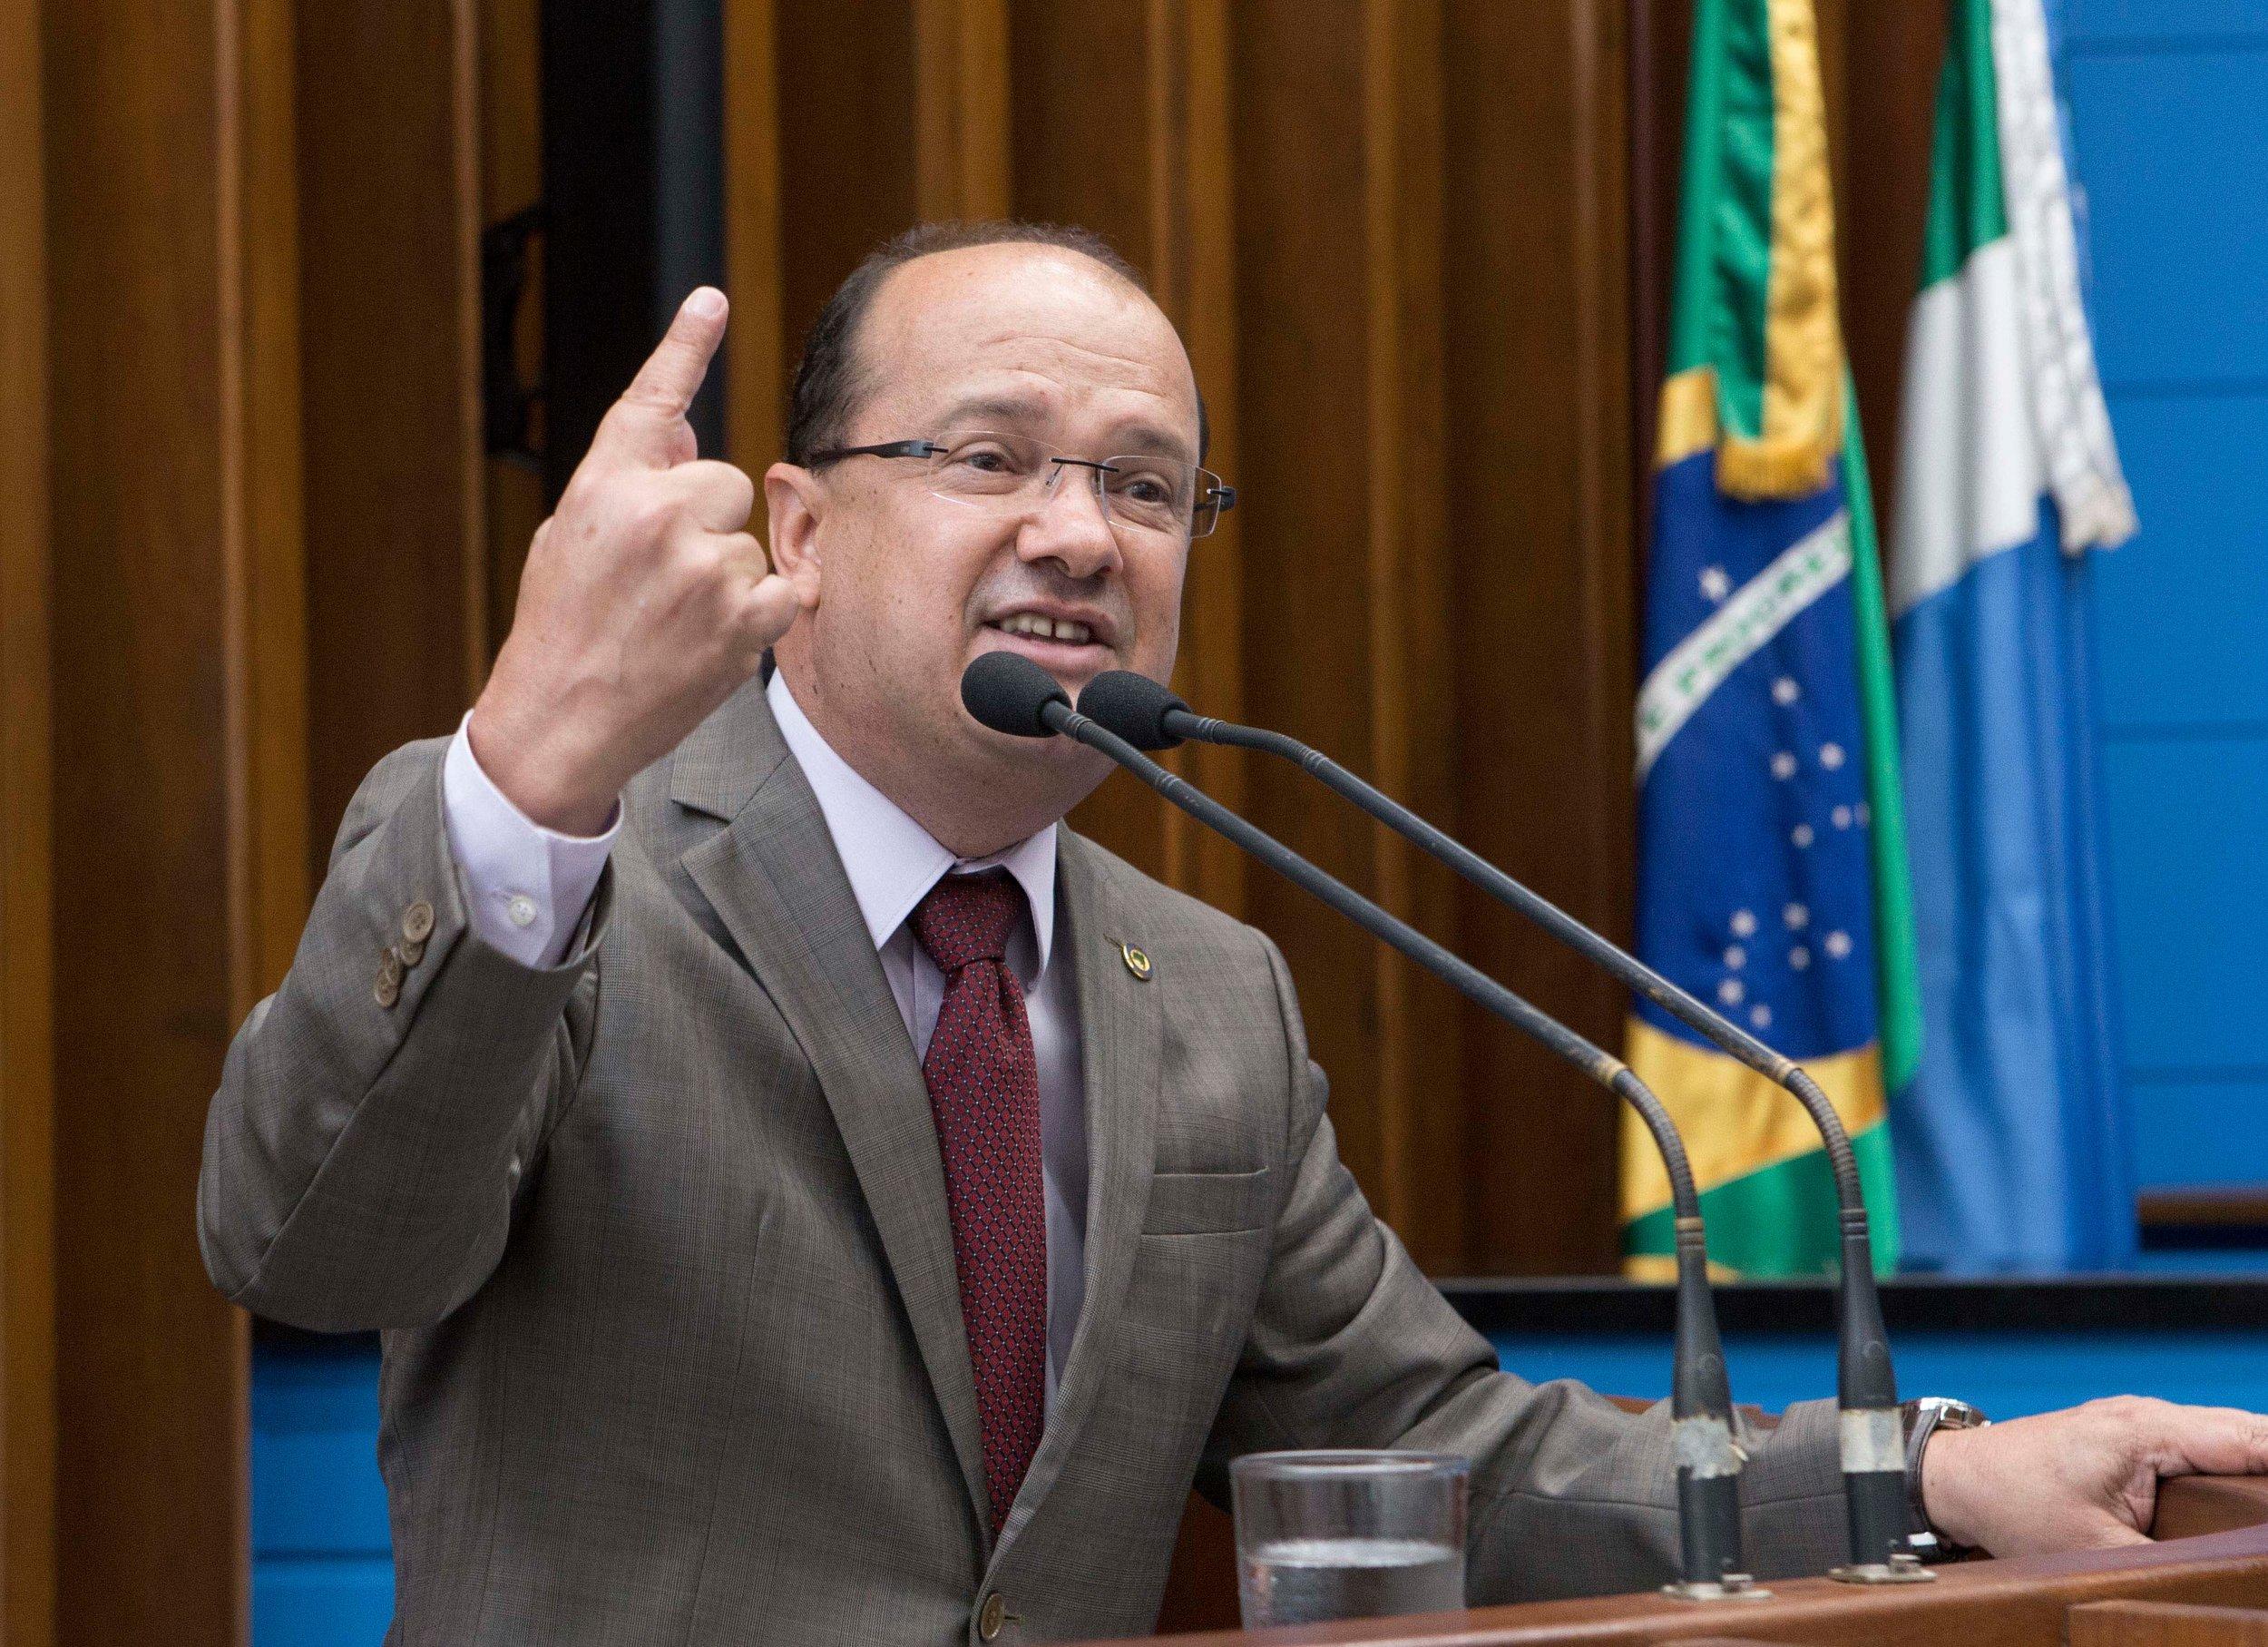 Deputado Barbosinha se manifesta sobre o protesto dos caminhoneiros. Foto: João Garrigó